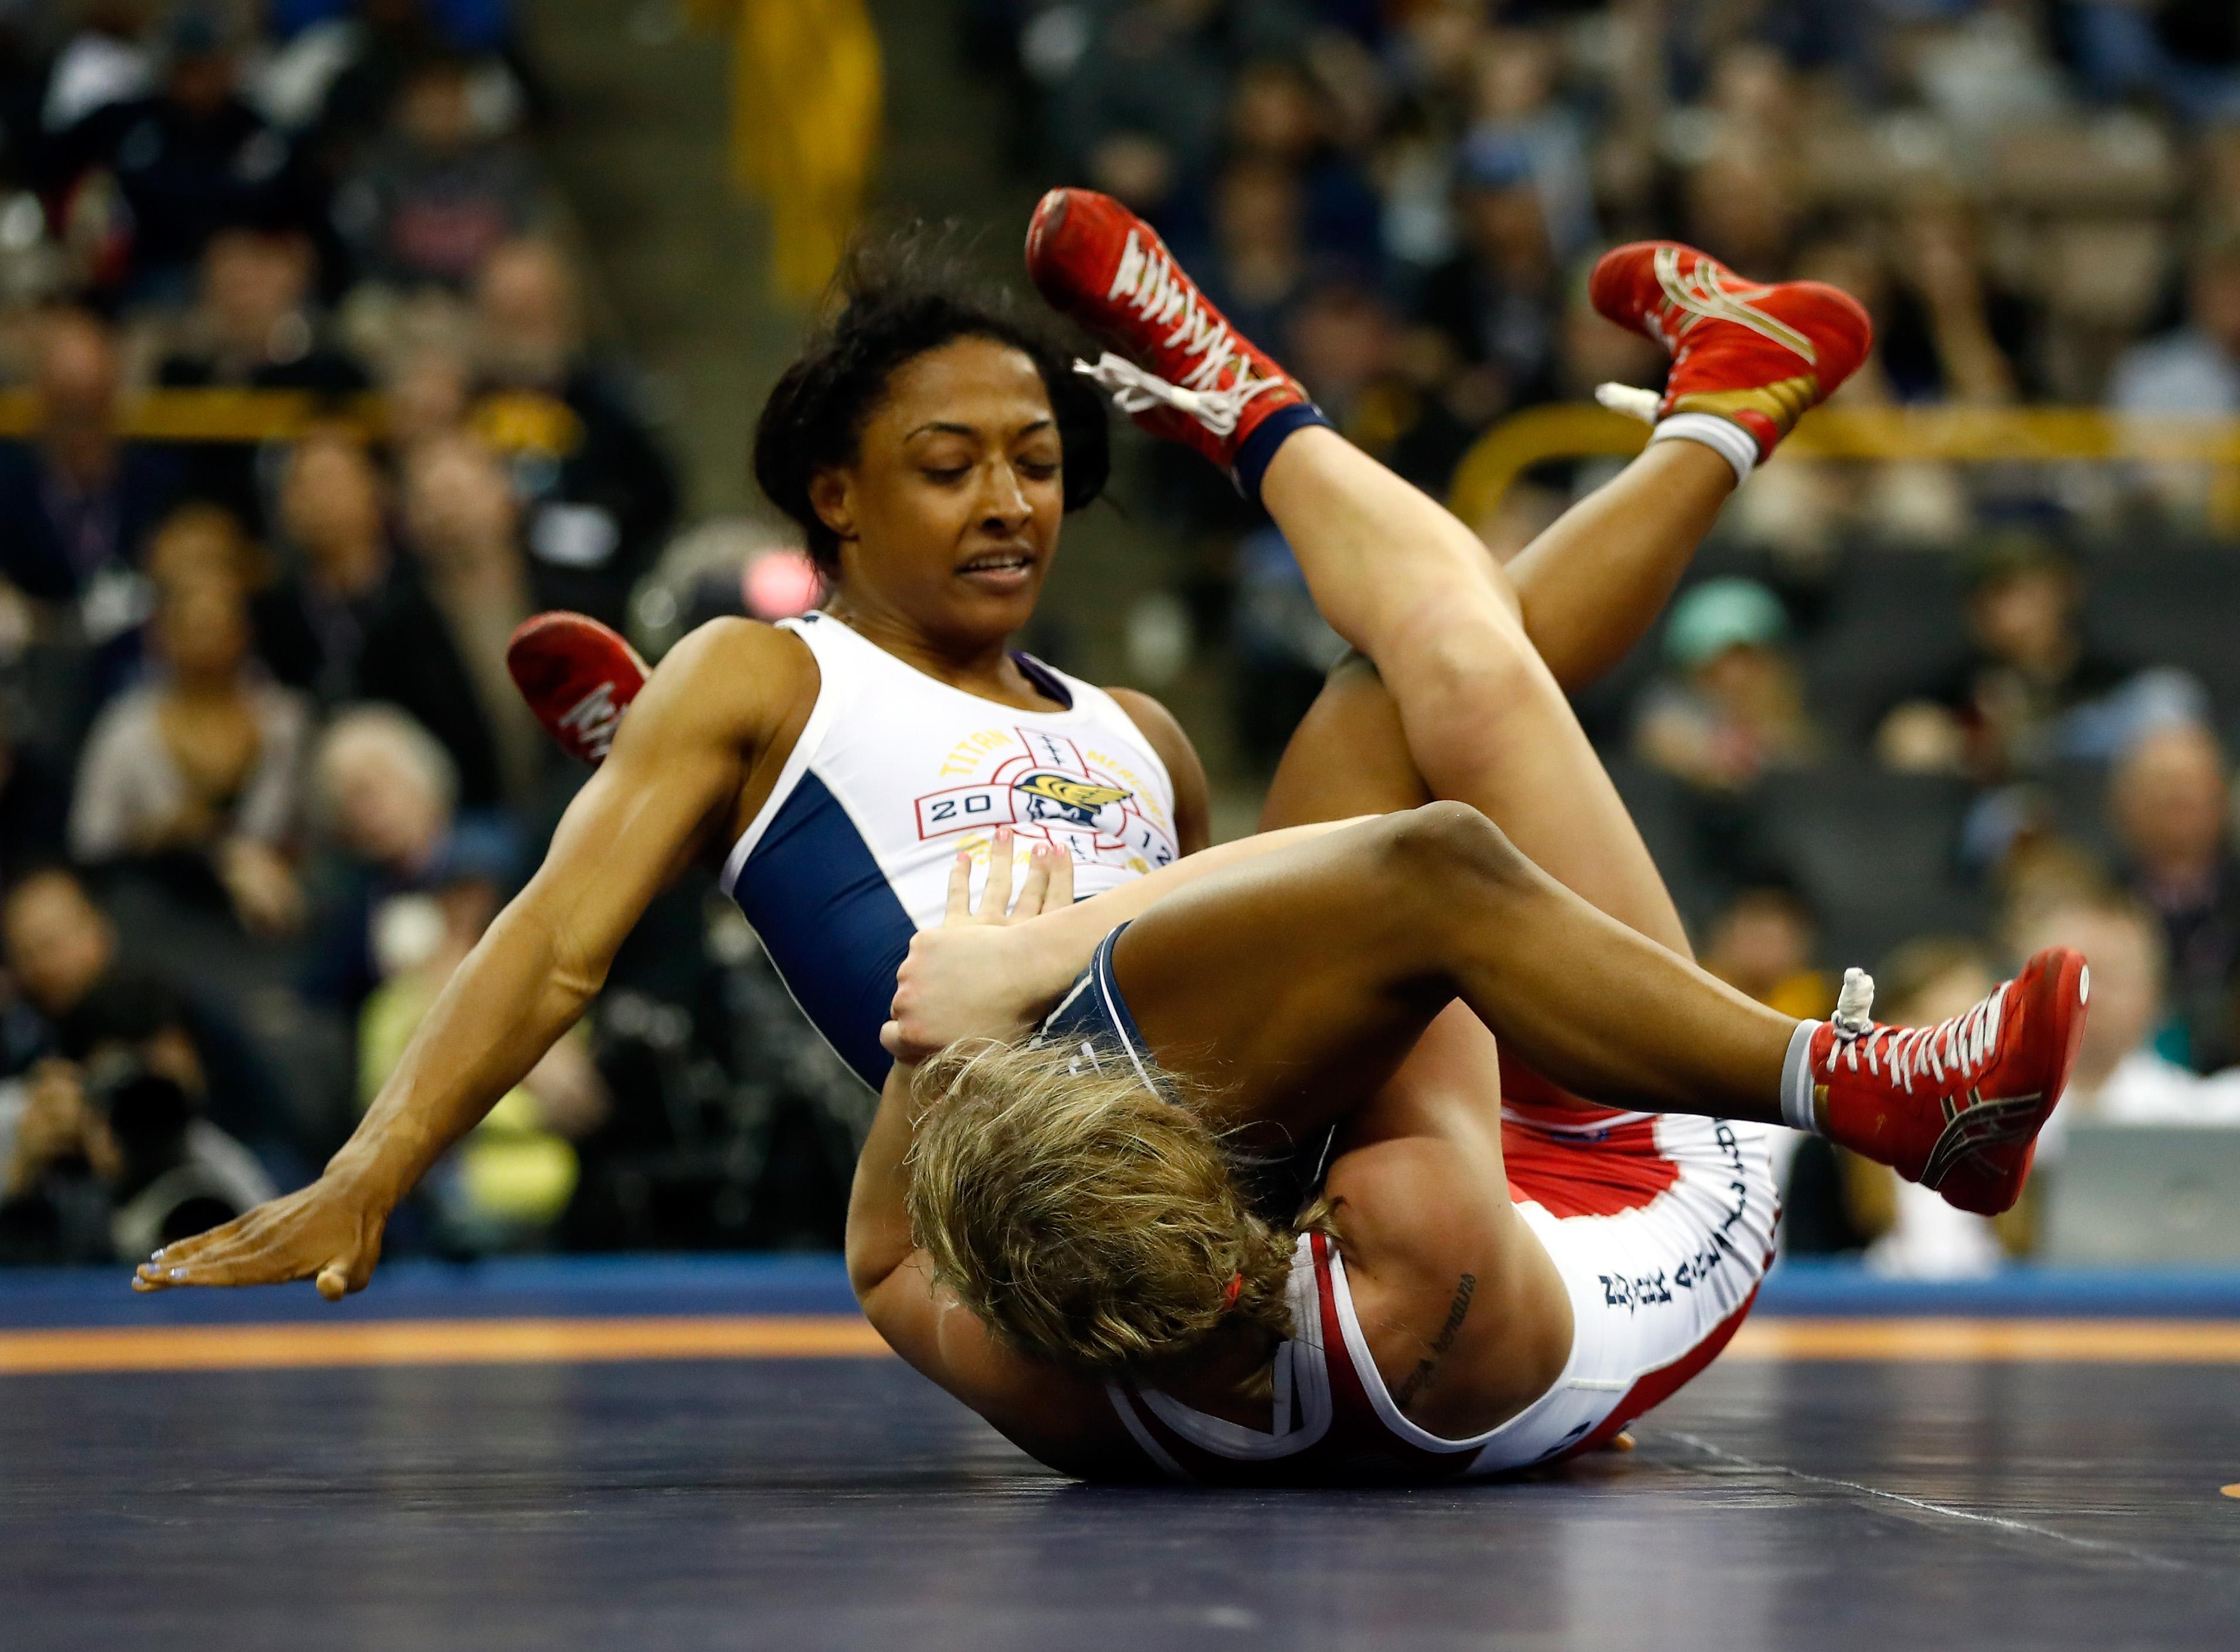 Wrestling, Tops and Women's on Pinterest